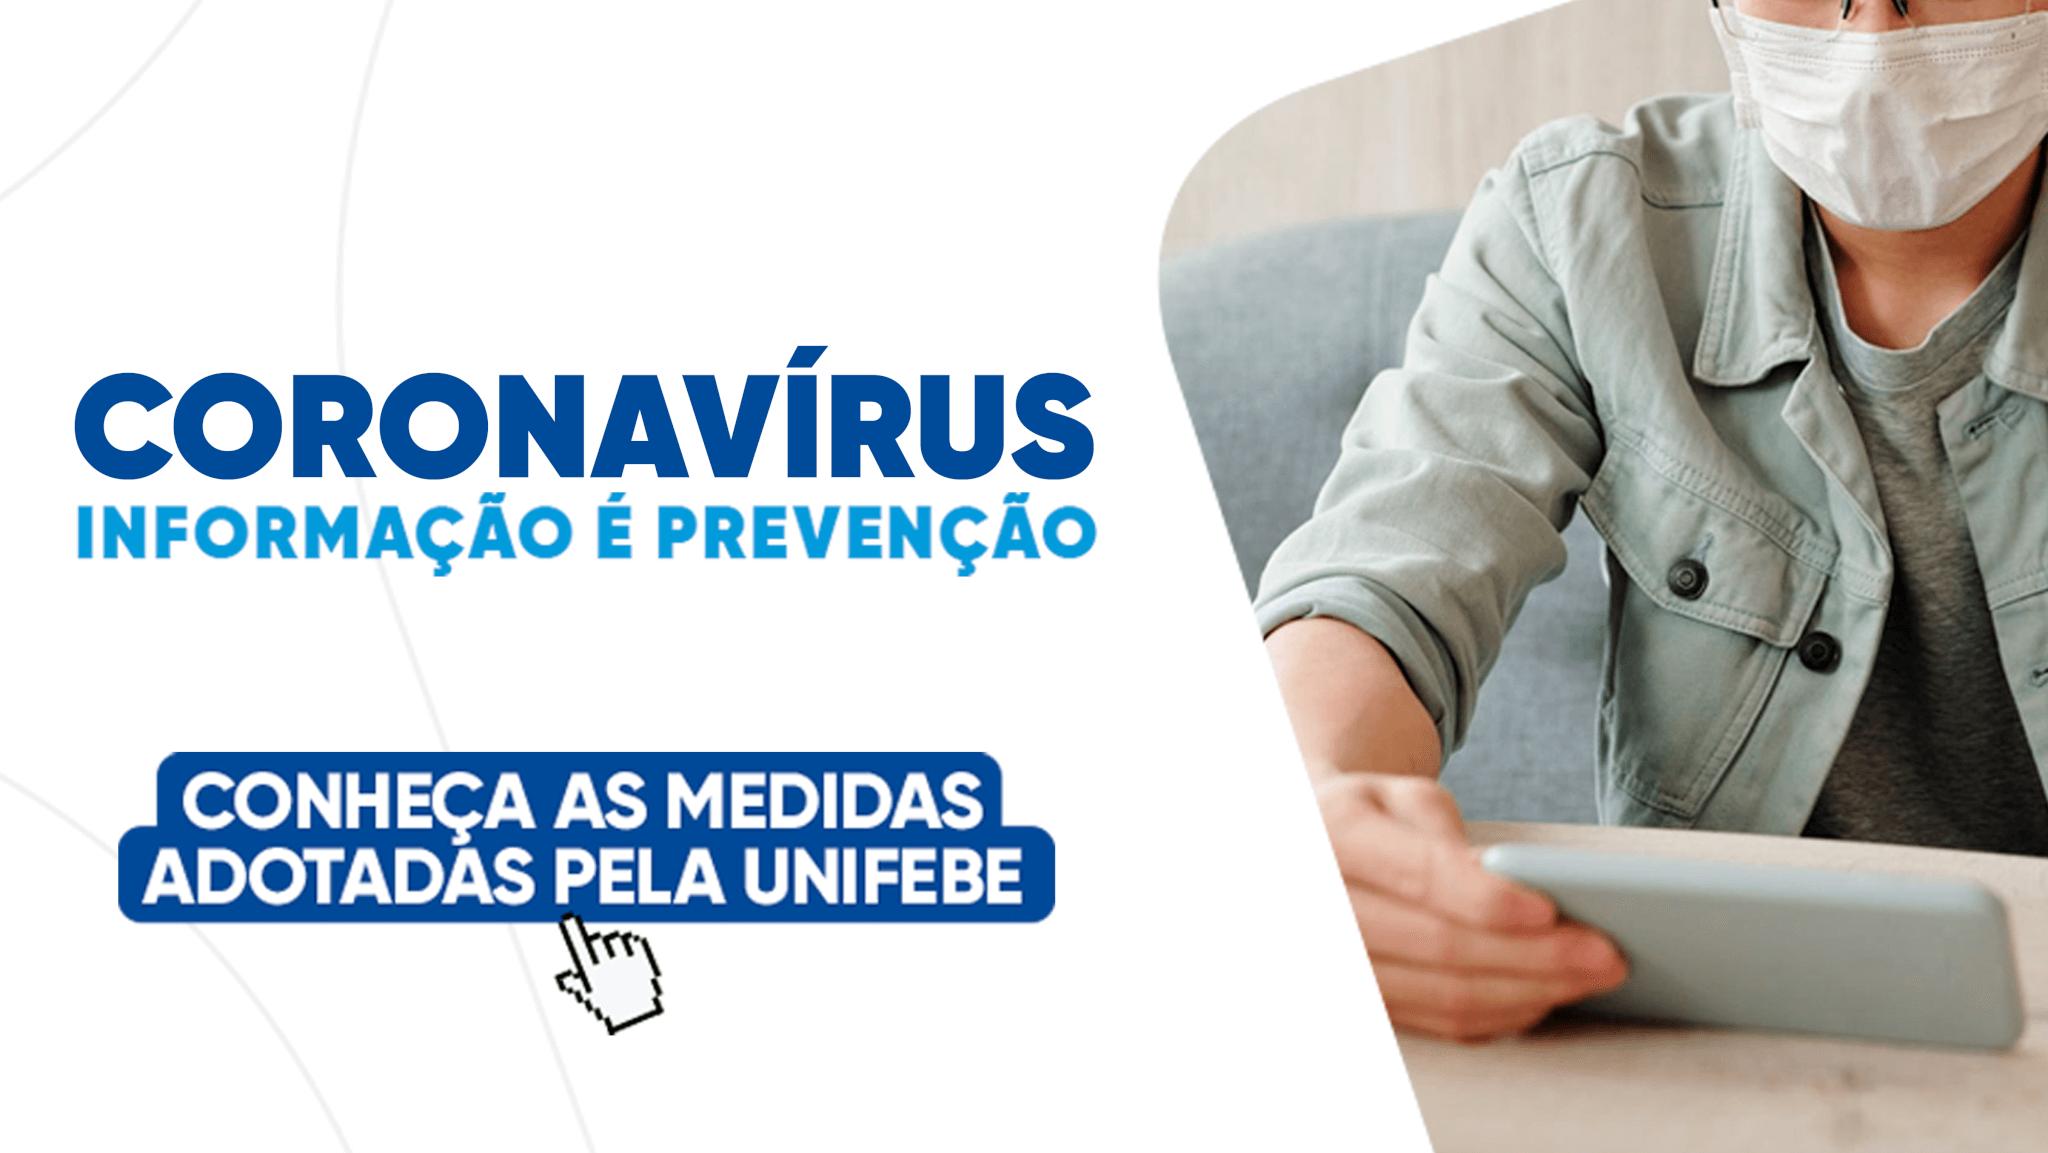 MOBILE Coronavírus Informação é Prevenção